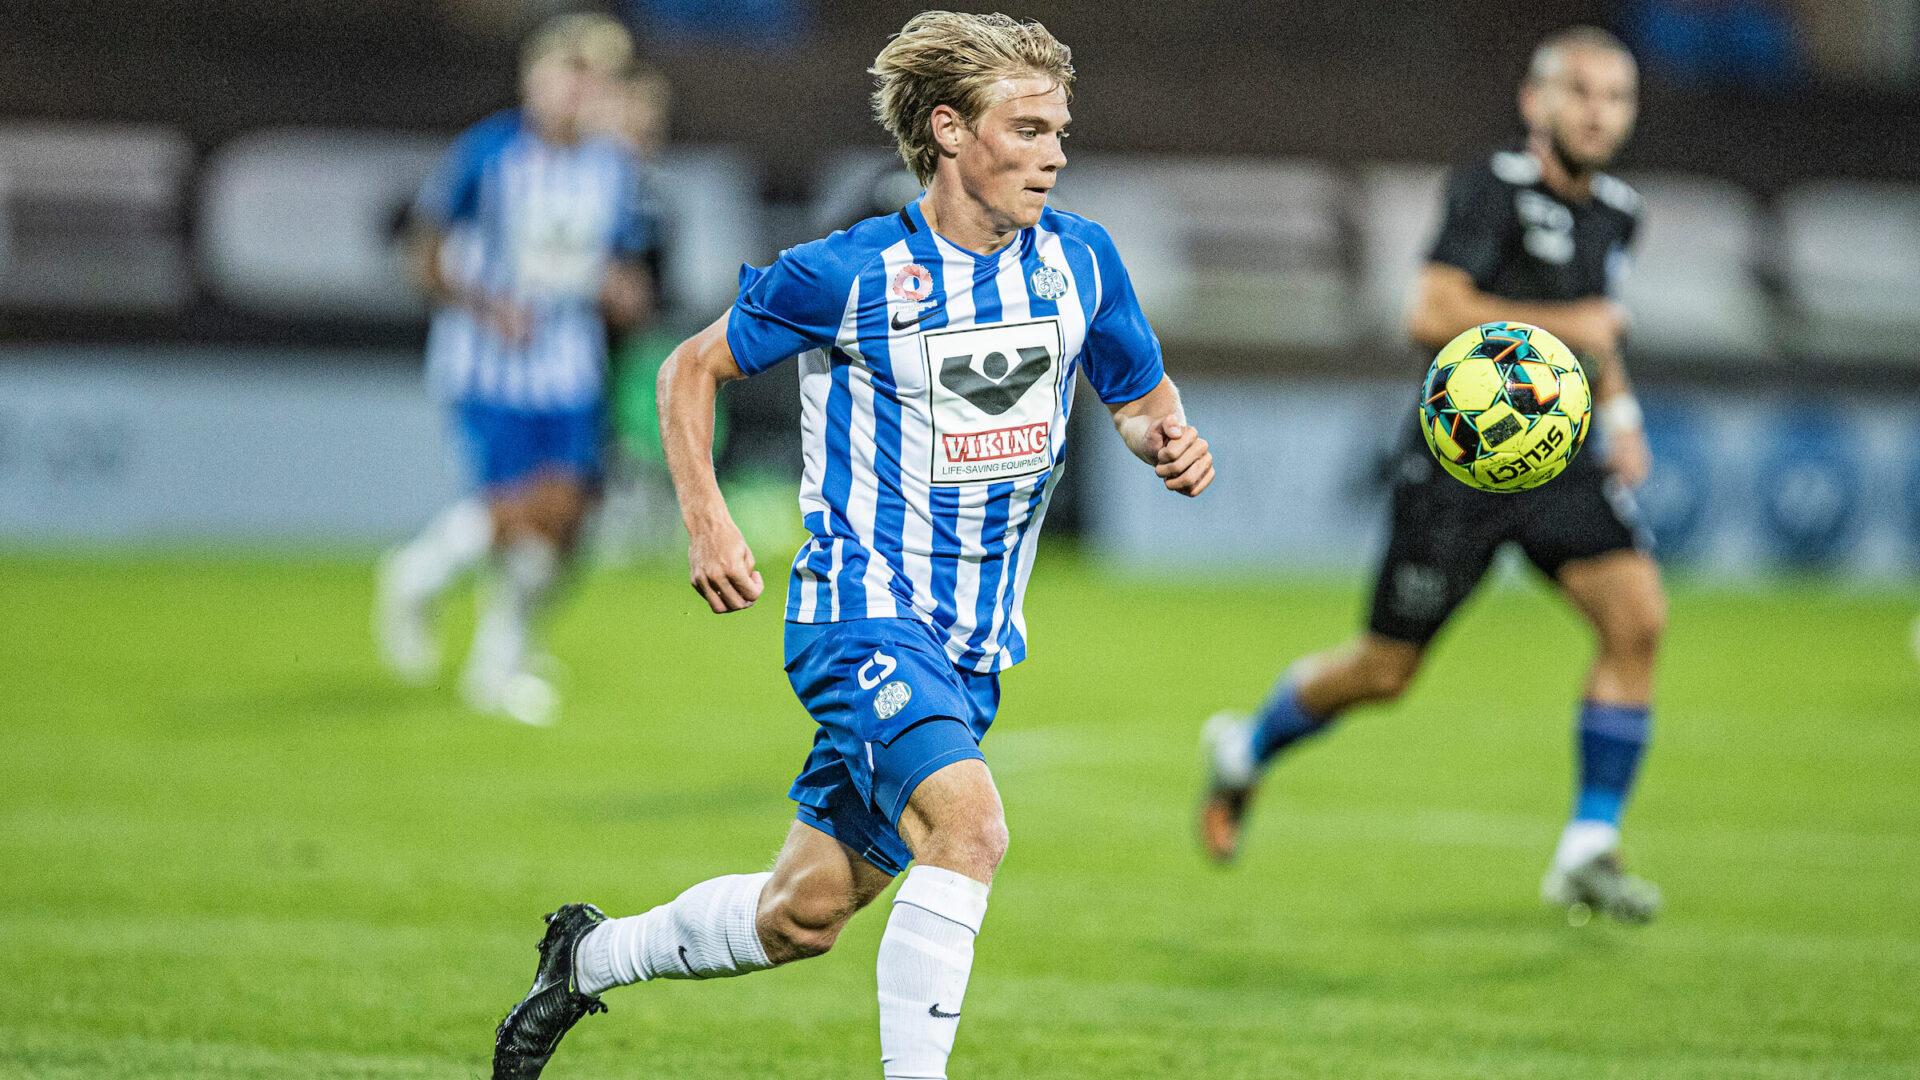 Reserveholdet møder Silkeborg